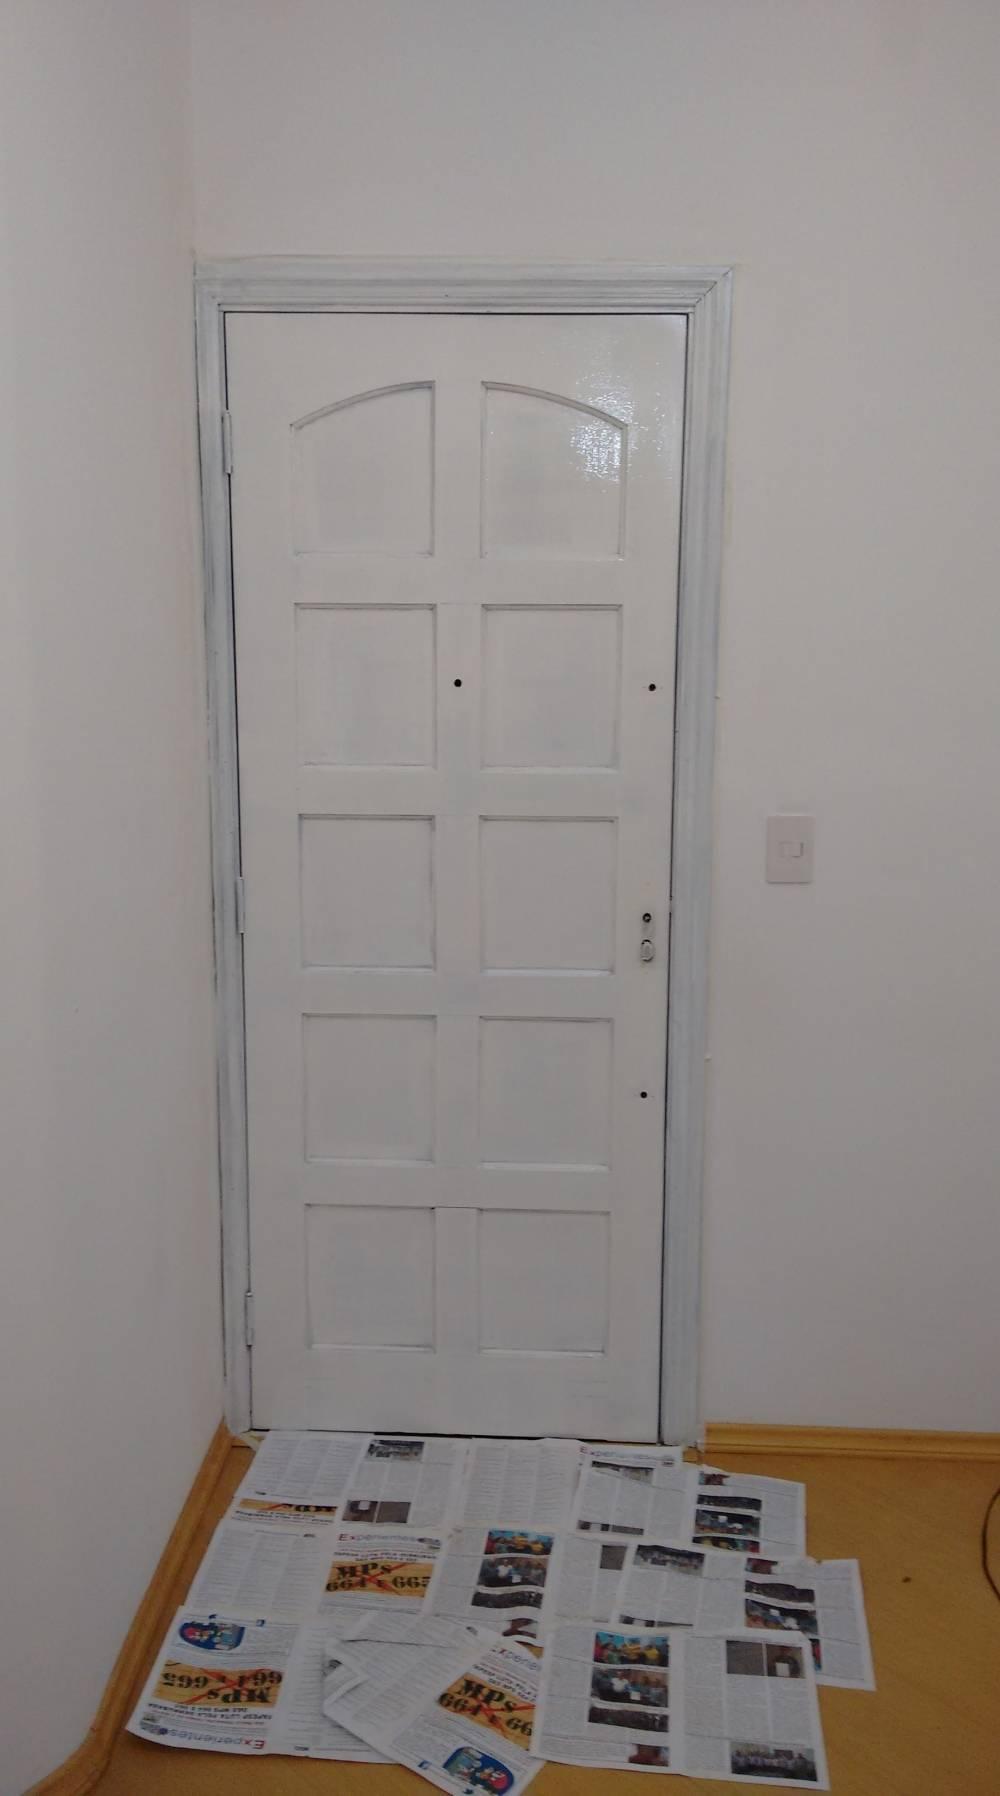 Contratar Empresa para Pequenos Reparos Residenciais em Higienópolis - Empresa para Reparos Residenciais